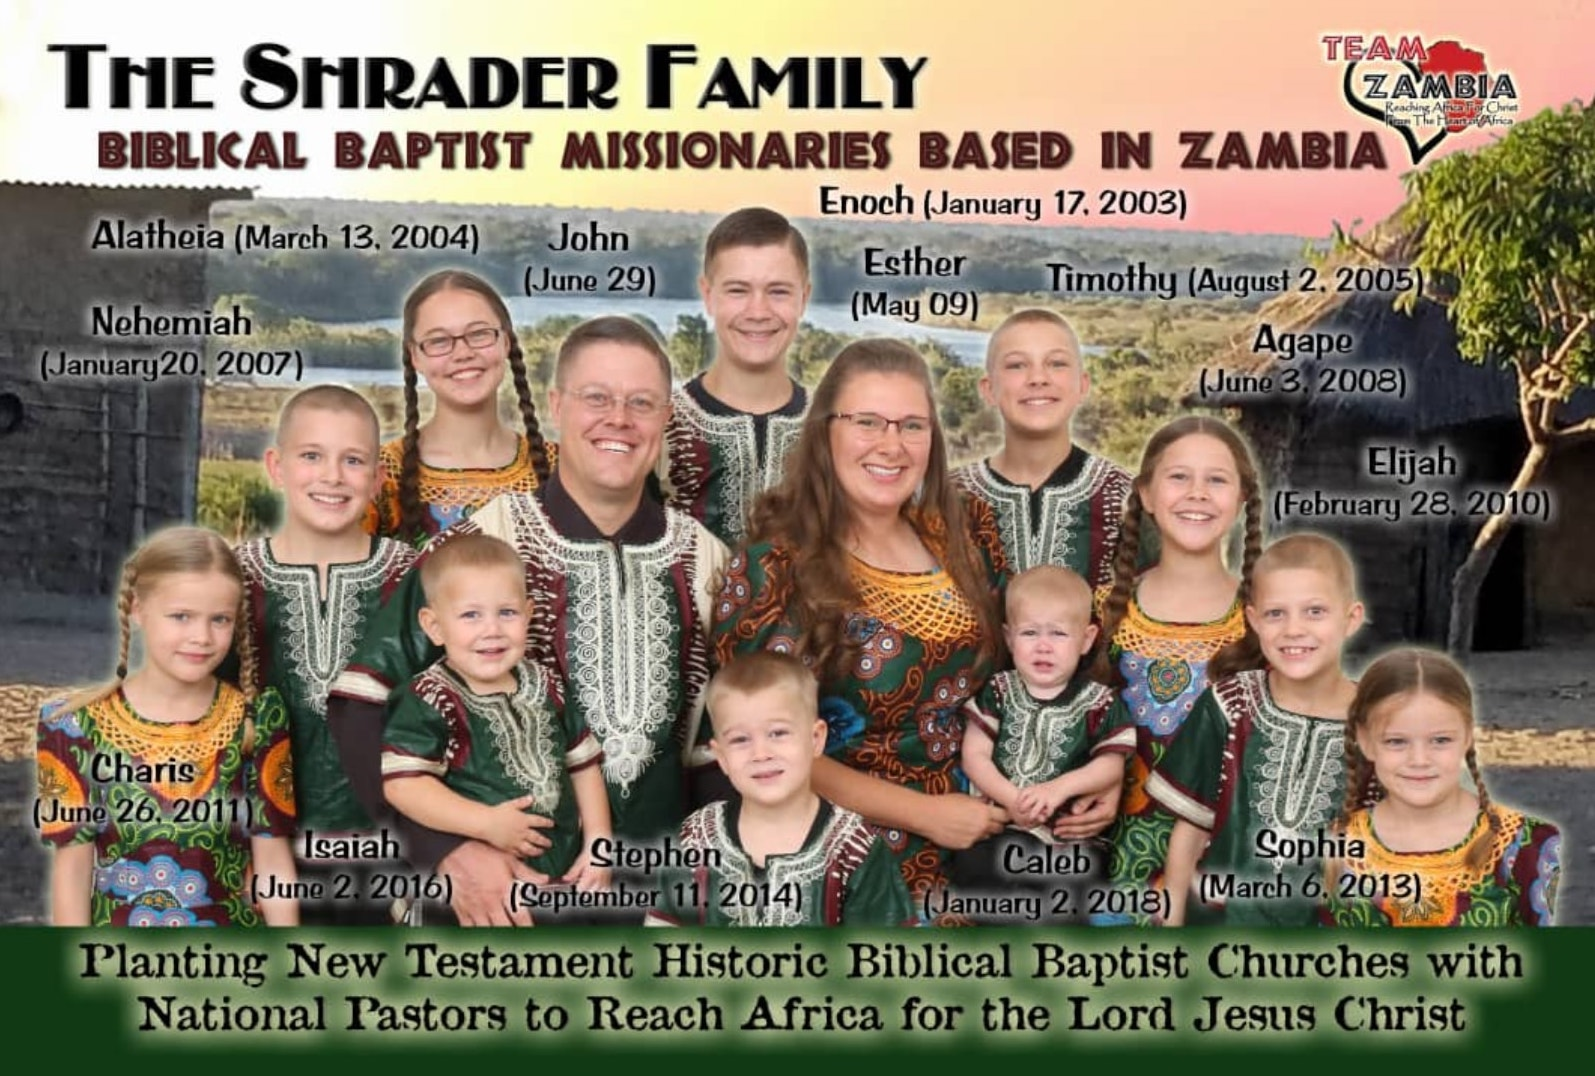 Shrader Family